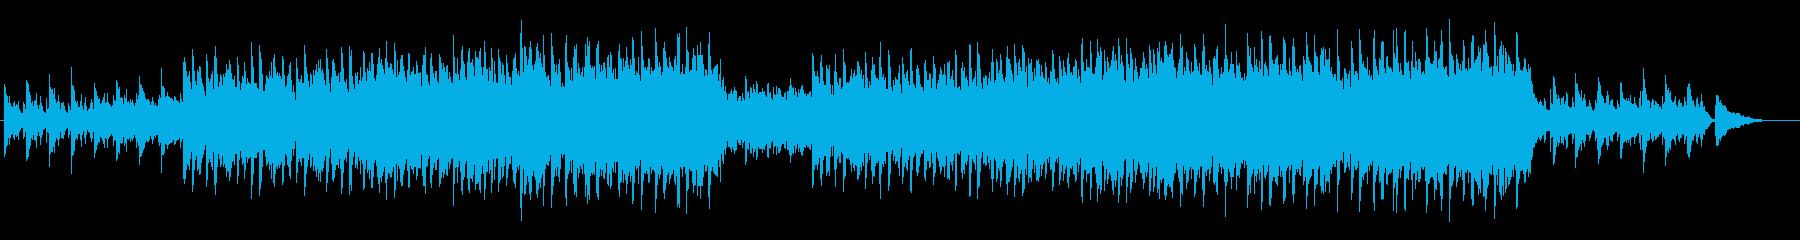 ピアノと弦中心の感動的なバラードの再生済みの波形